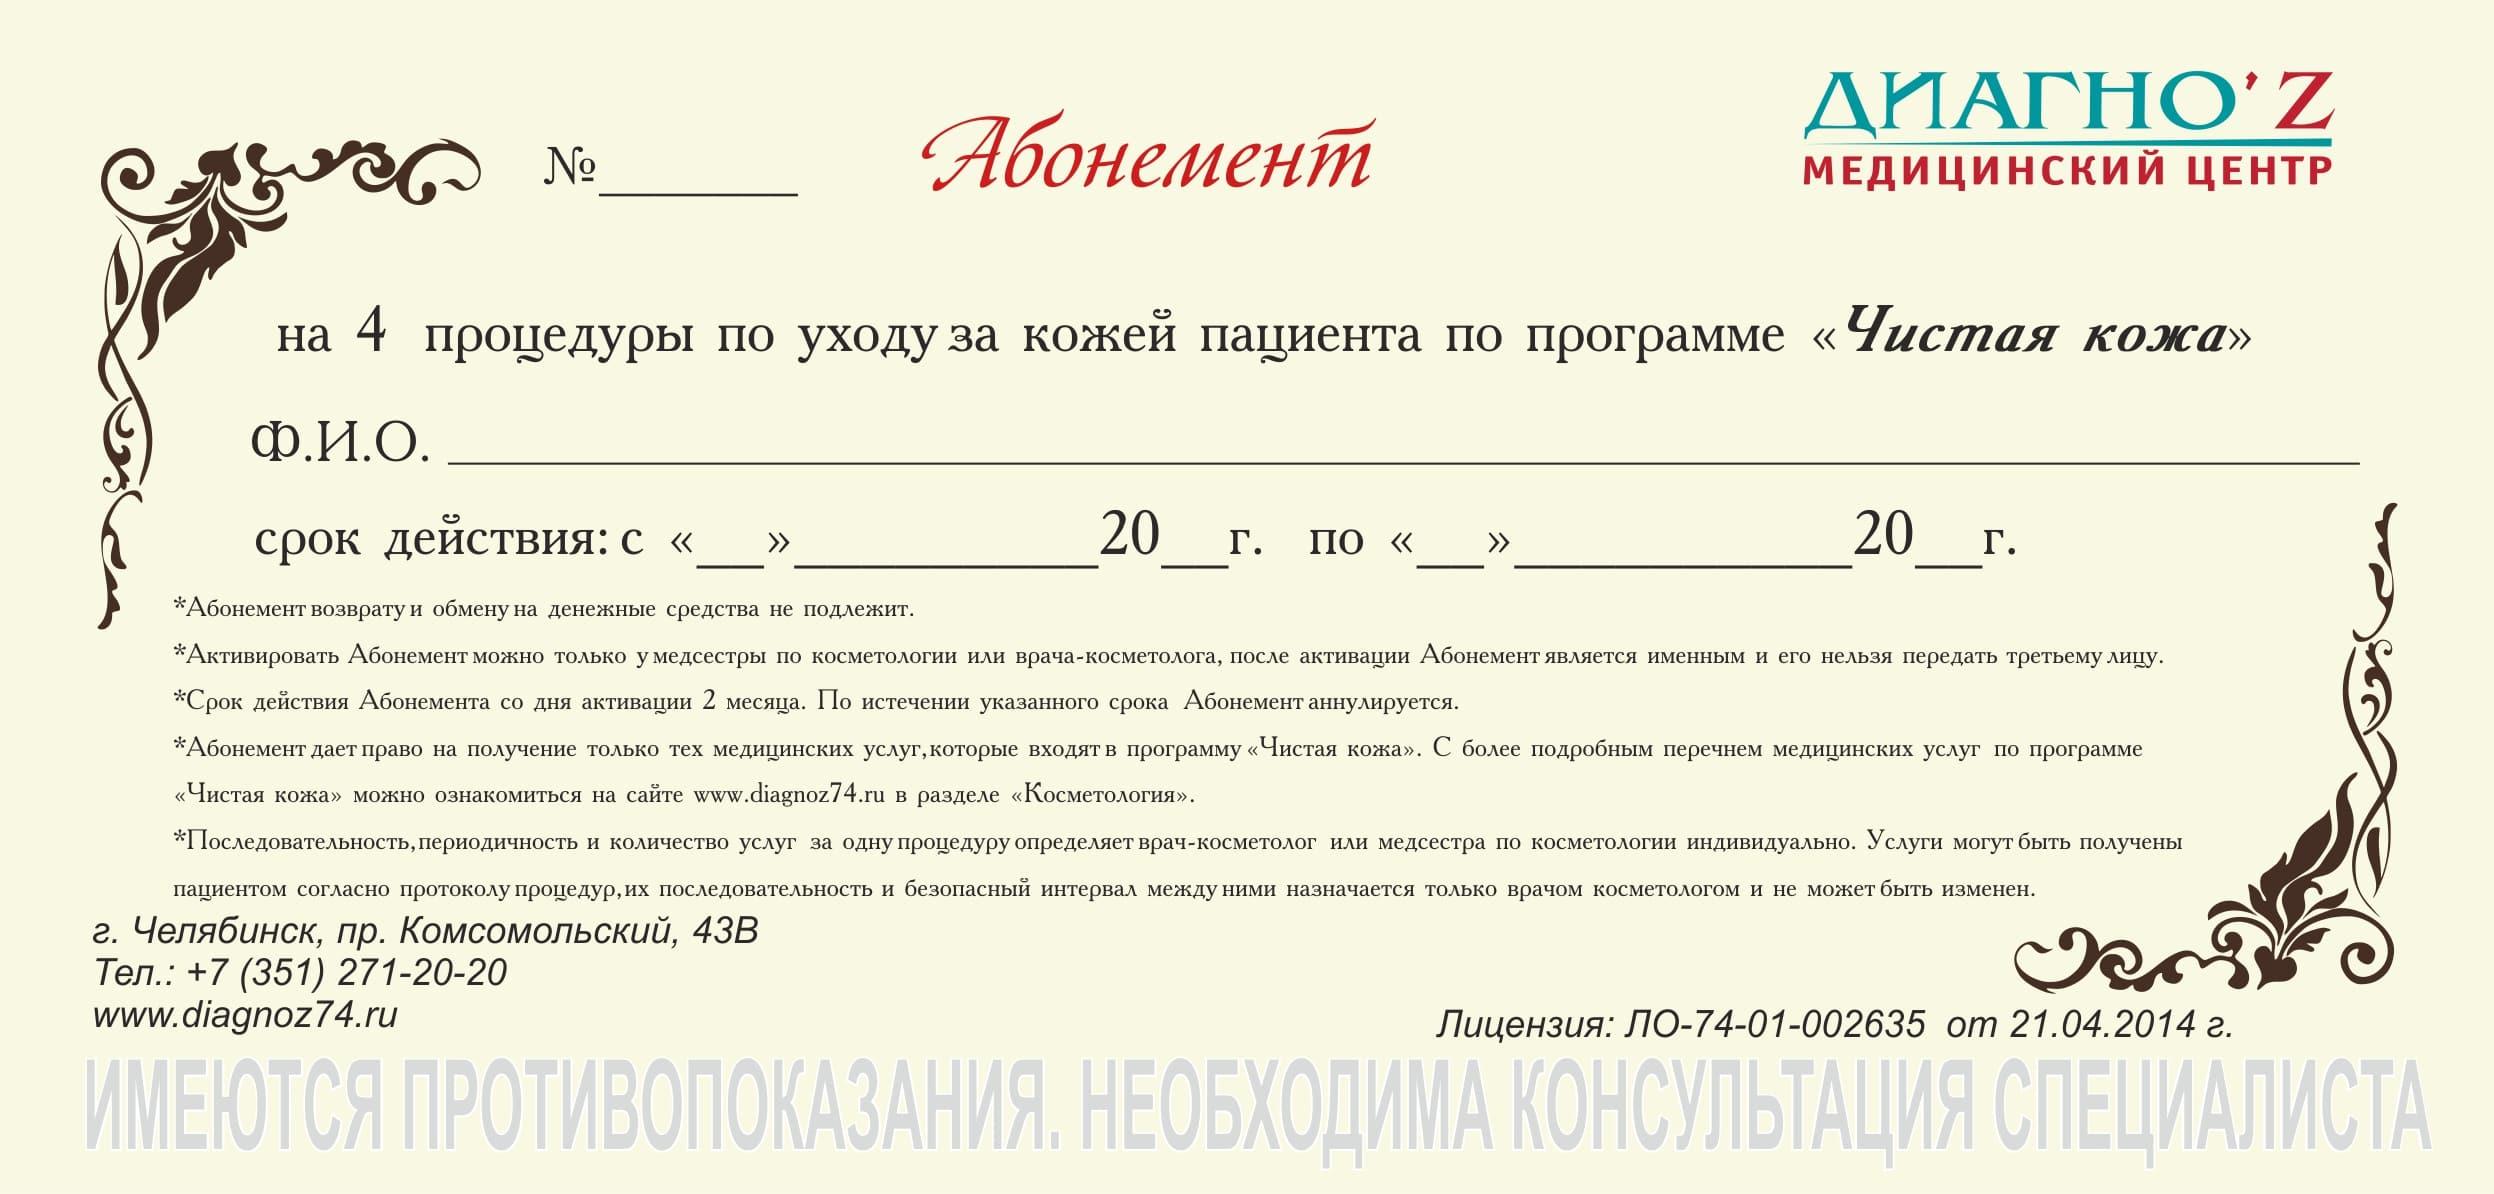 Получение подарочного сертификата в оплату за выполненную услугу детские электромобили сертификация